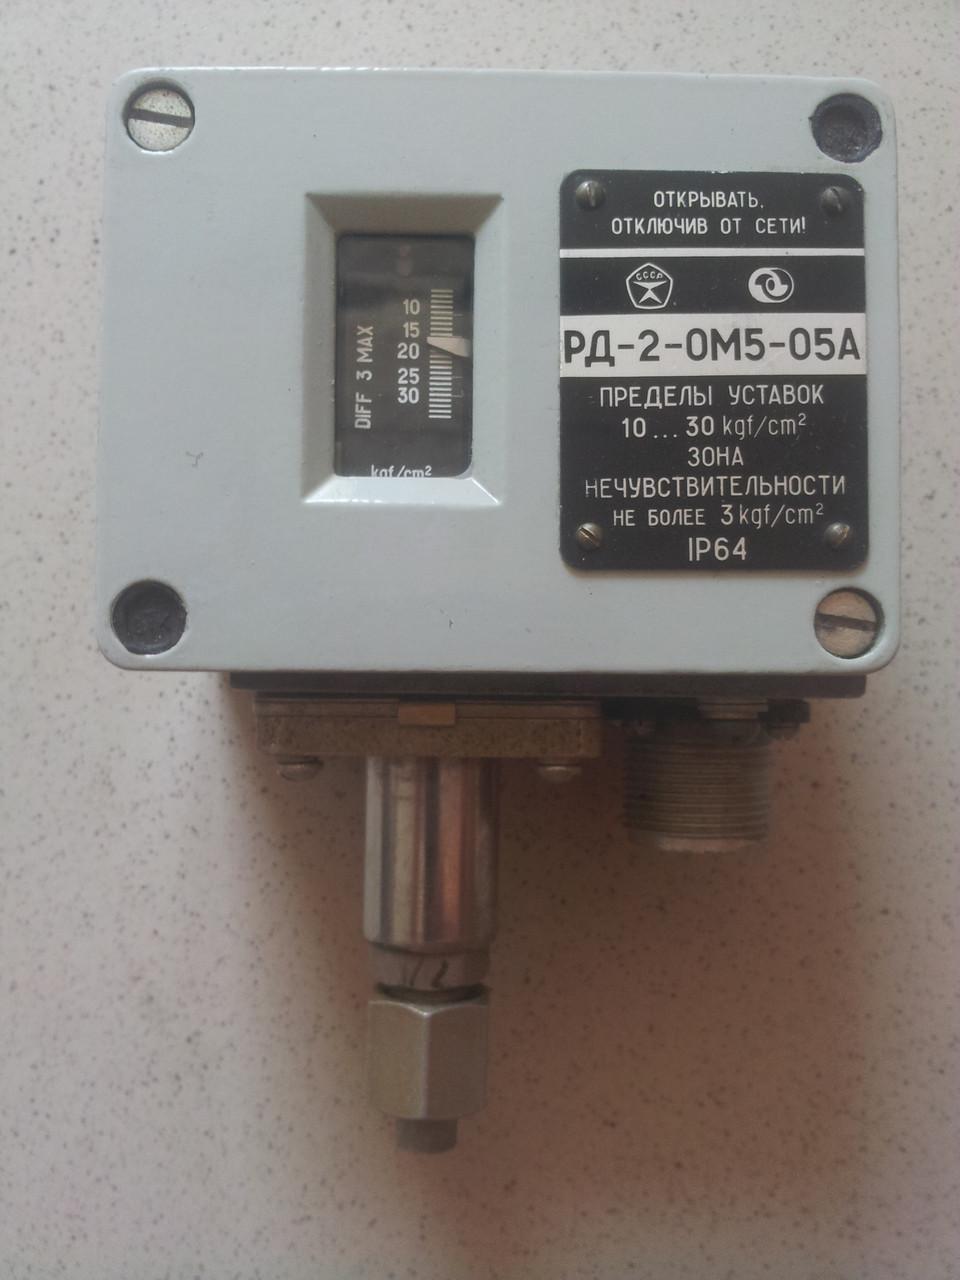 РД-2-ом5-05А